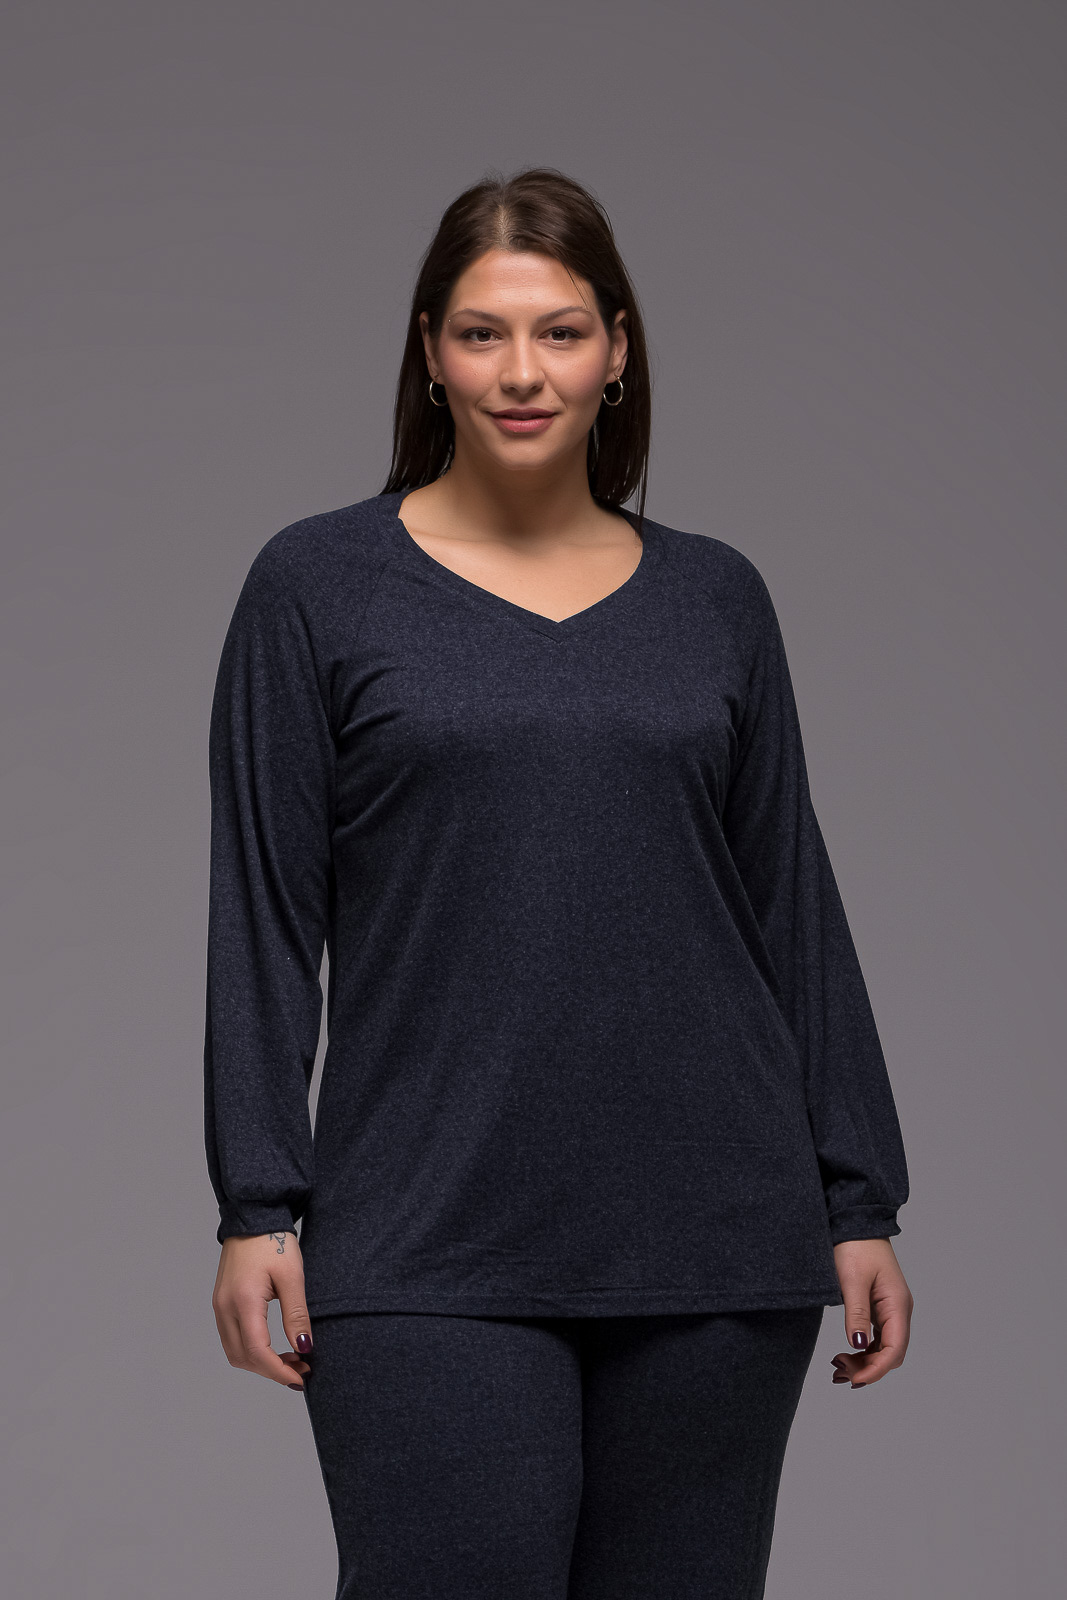 Μπλούζα μεγάλα μεγέθη +Psx γκρι μπλε ελαστική βισκόζ